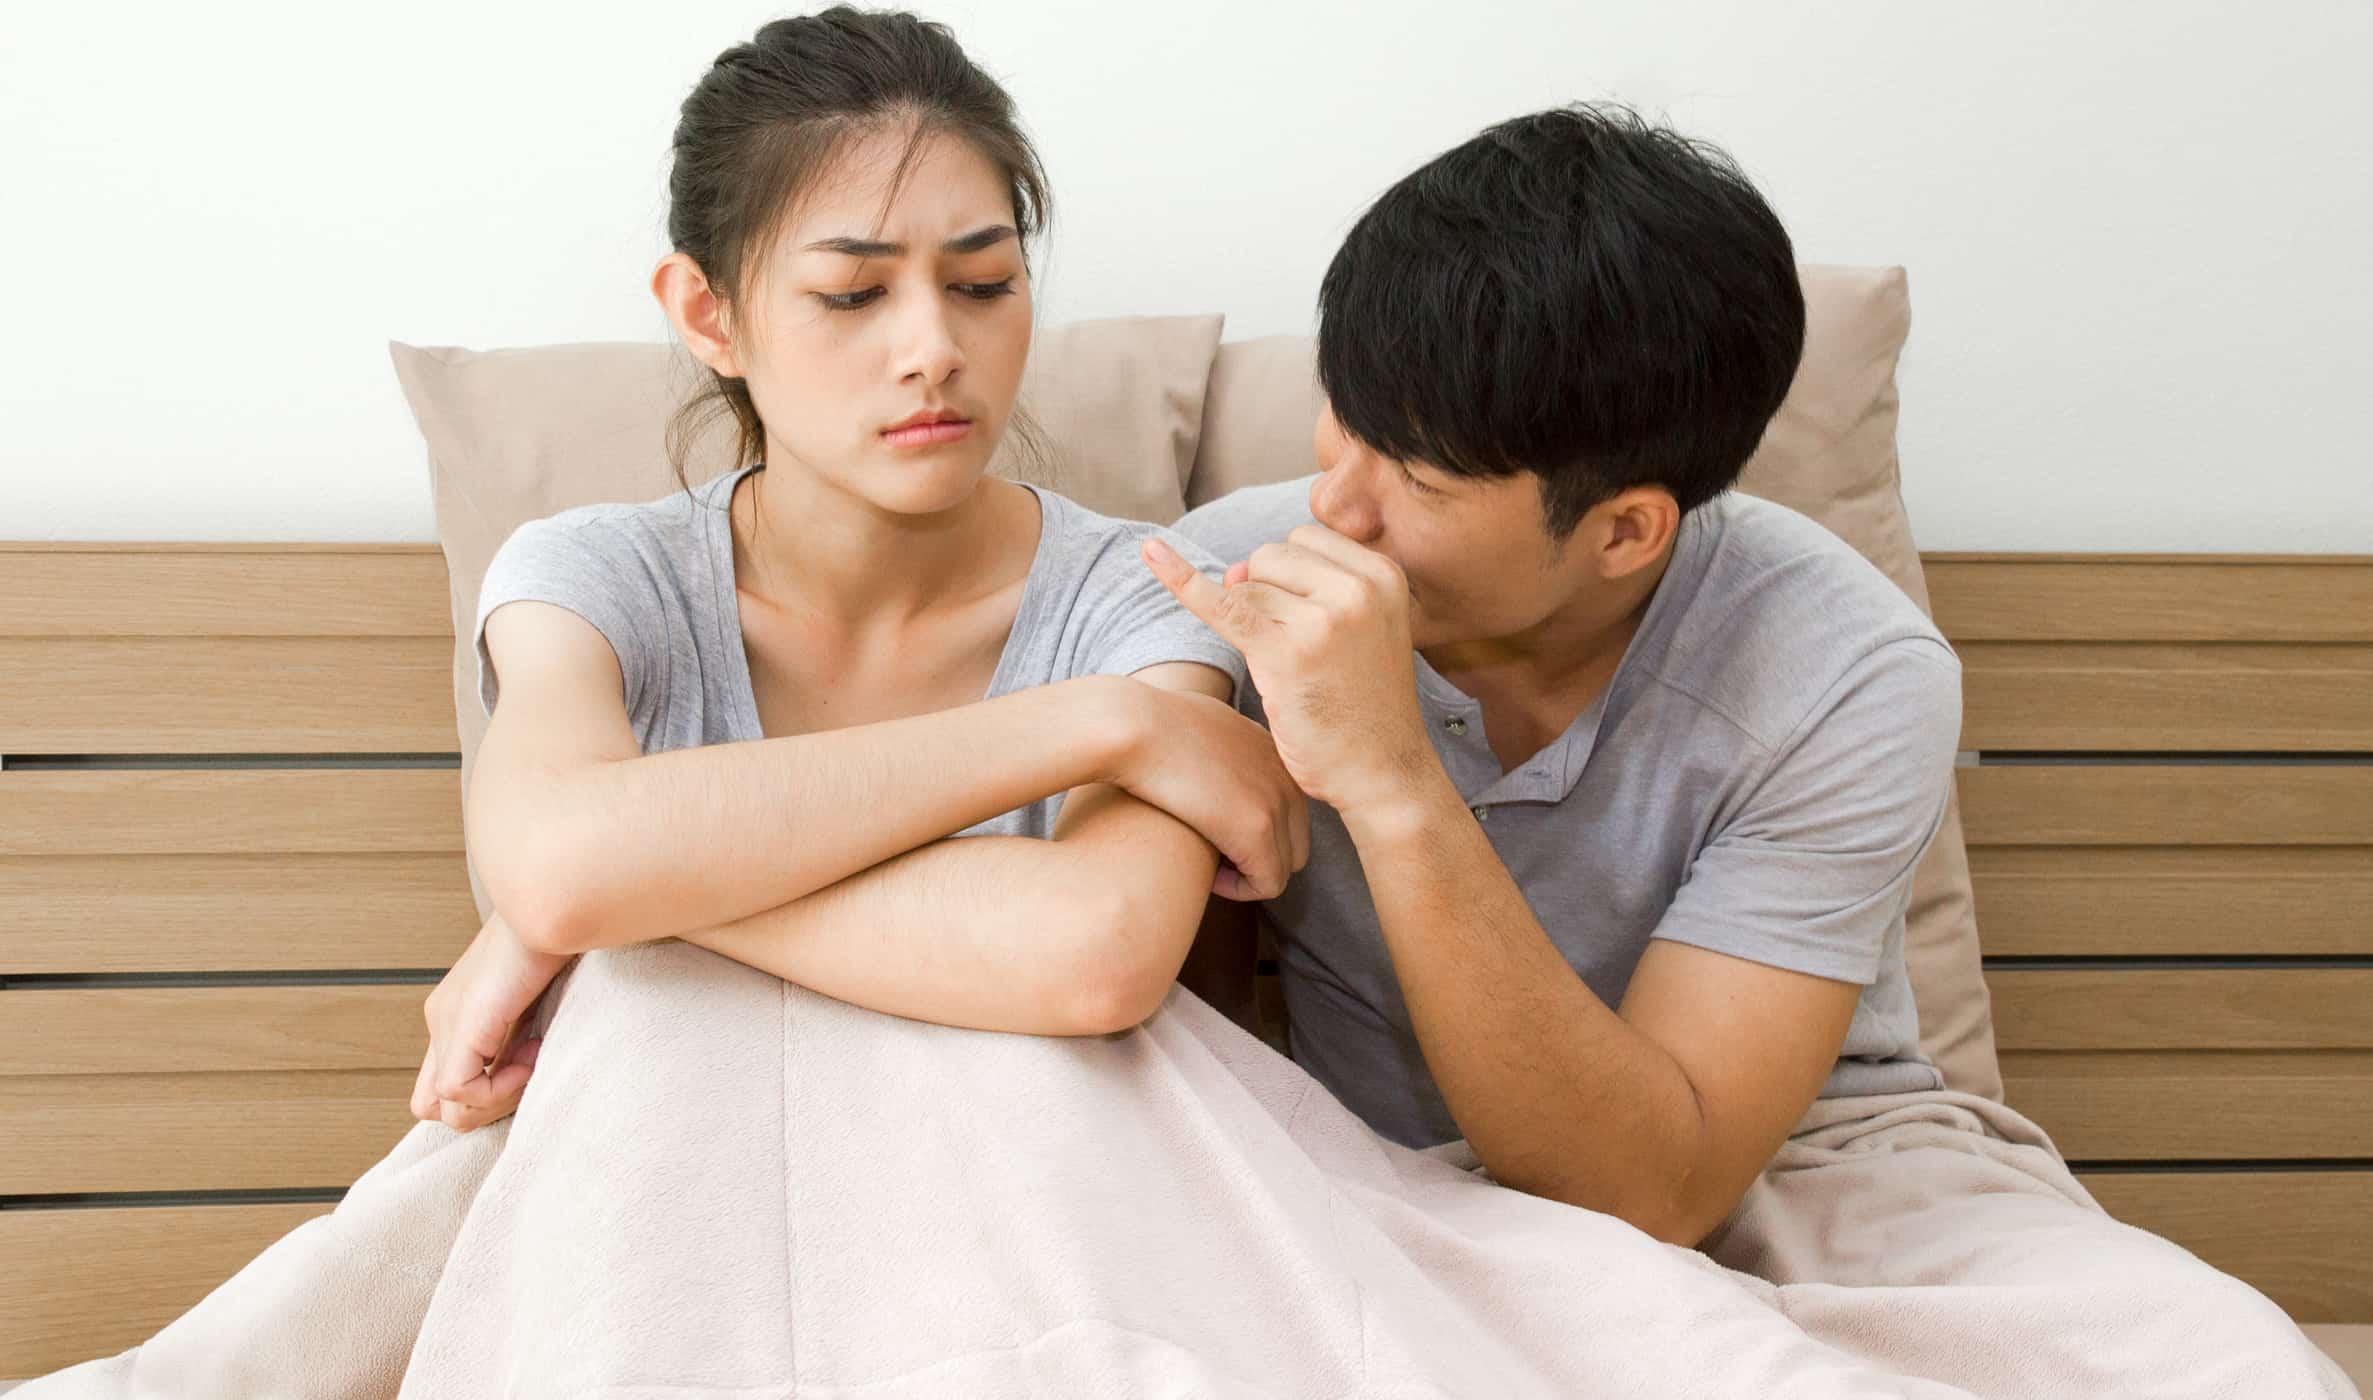 Đã là vợ chồng có nên chia sẻ hết mọi chuyện hay giữ bí mật cho riêng mình? - Ảnh 3